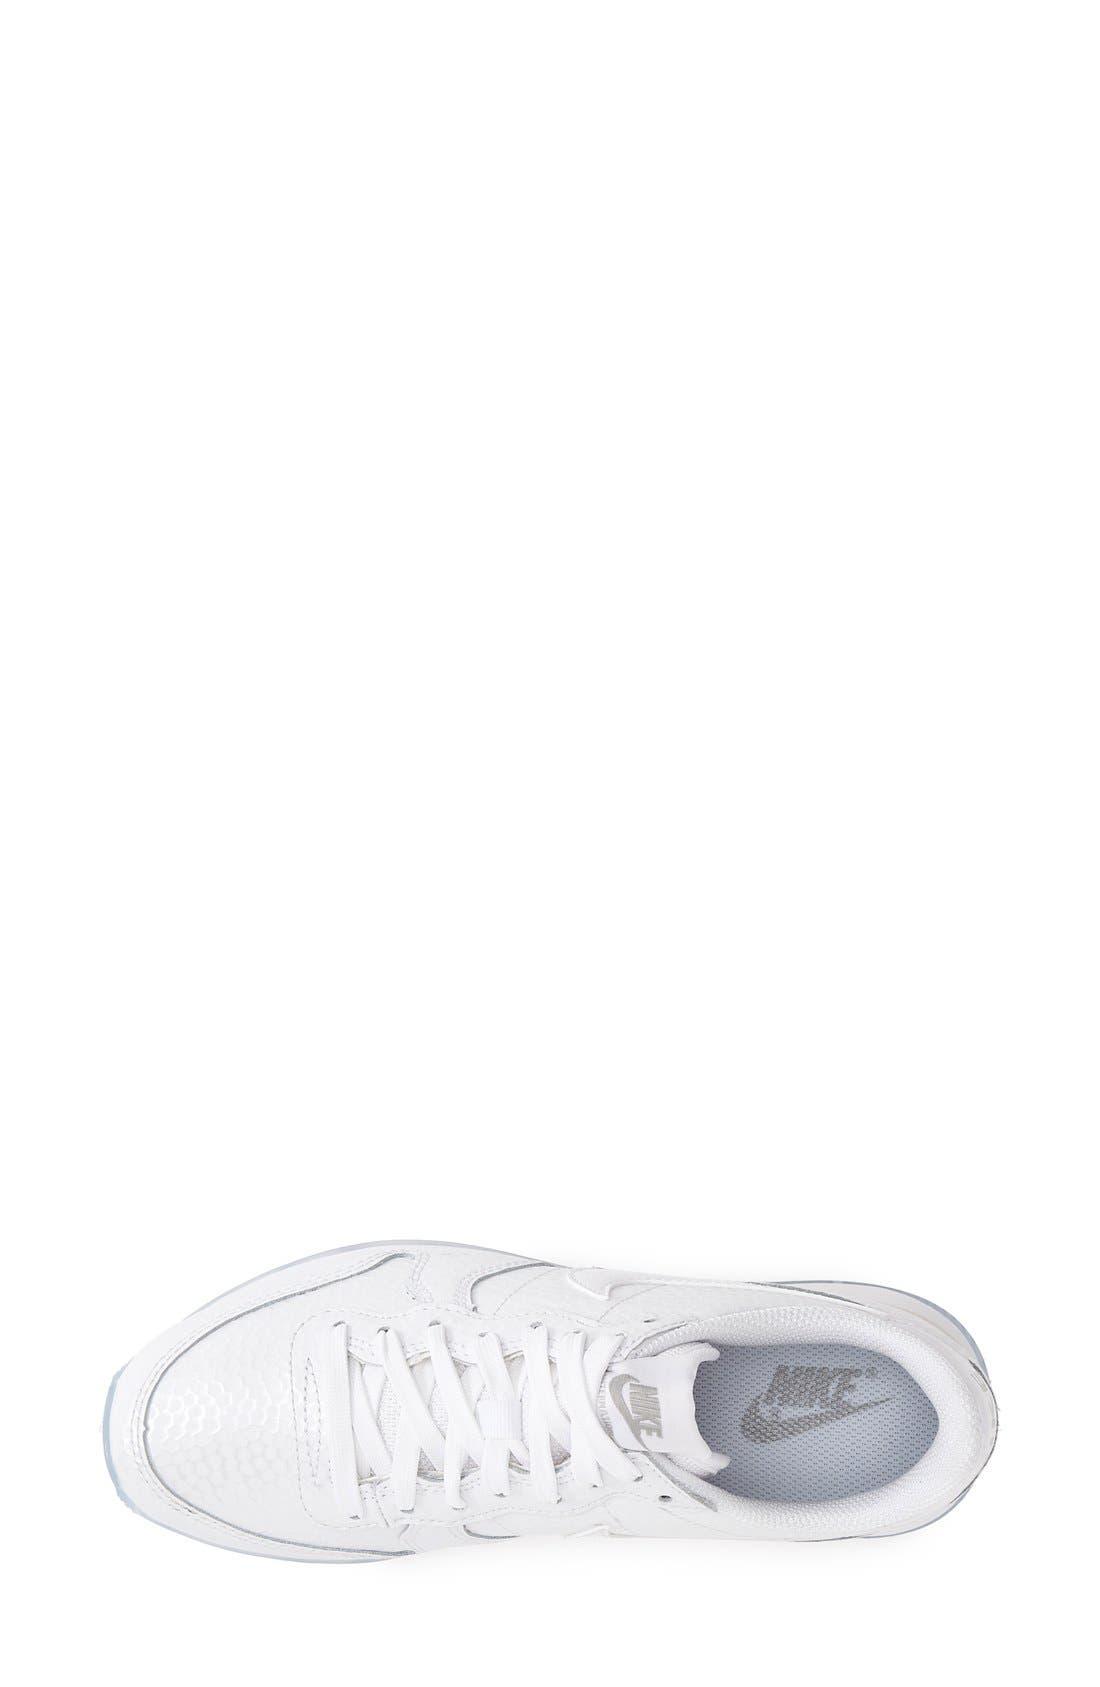 Alternate Image 3  - Nike 'Internationalist PRM' Sneaker (Women)